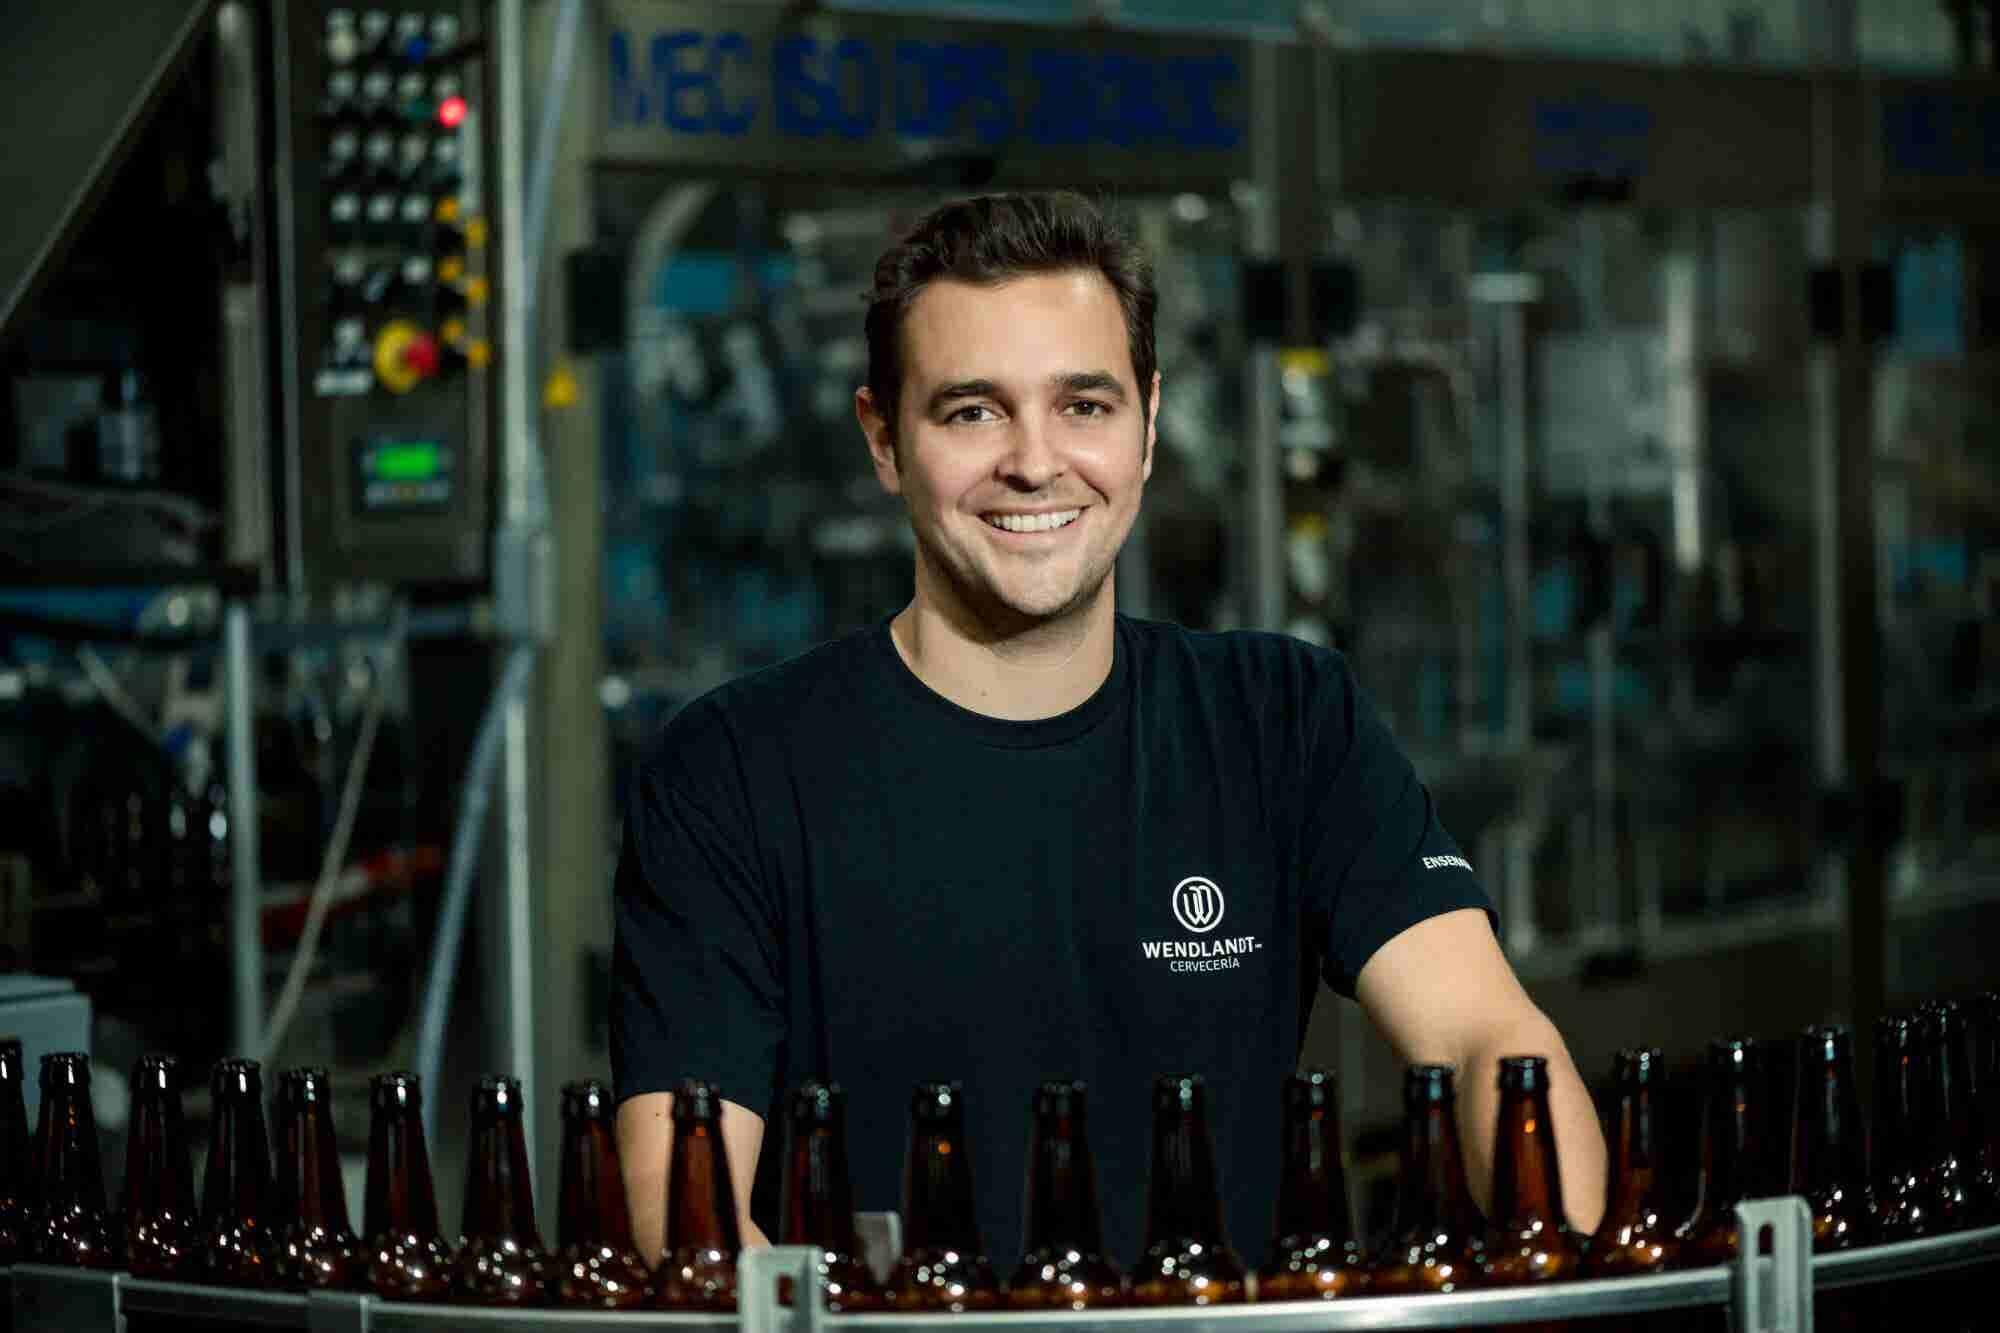 El mexicano que convirtió su gusto por la cerveza en un negocio que traspasó las fronteras de nuestro país